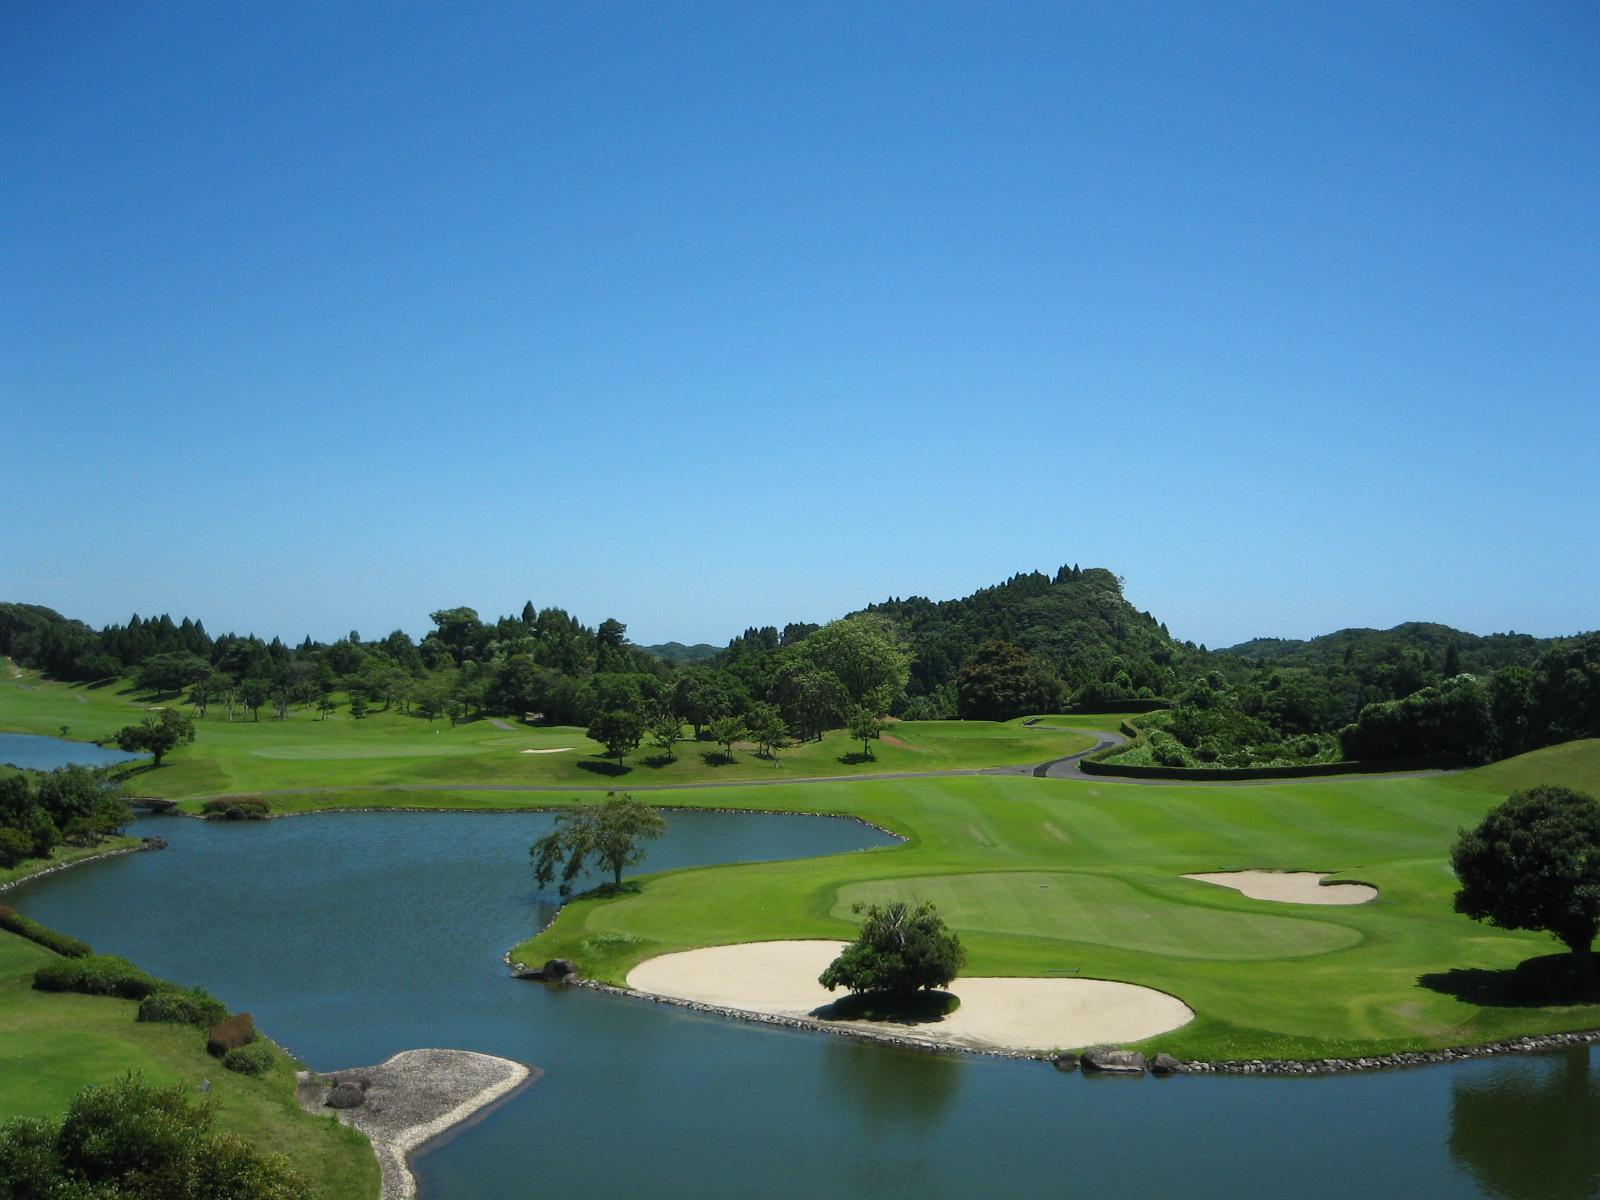 ゴルフ好きCOFFスタッフが教える千葉のゴルフ場ガイド